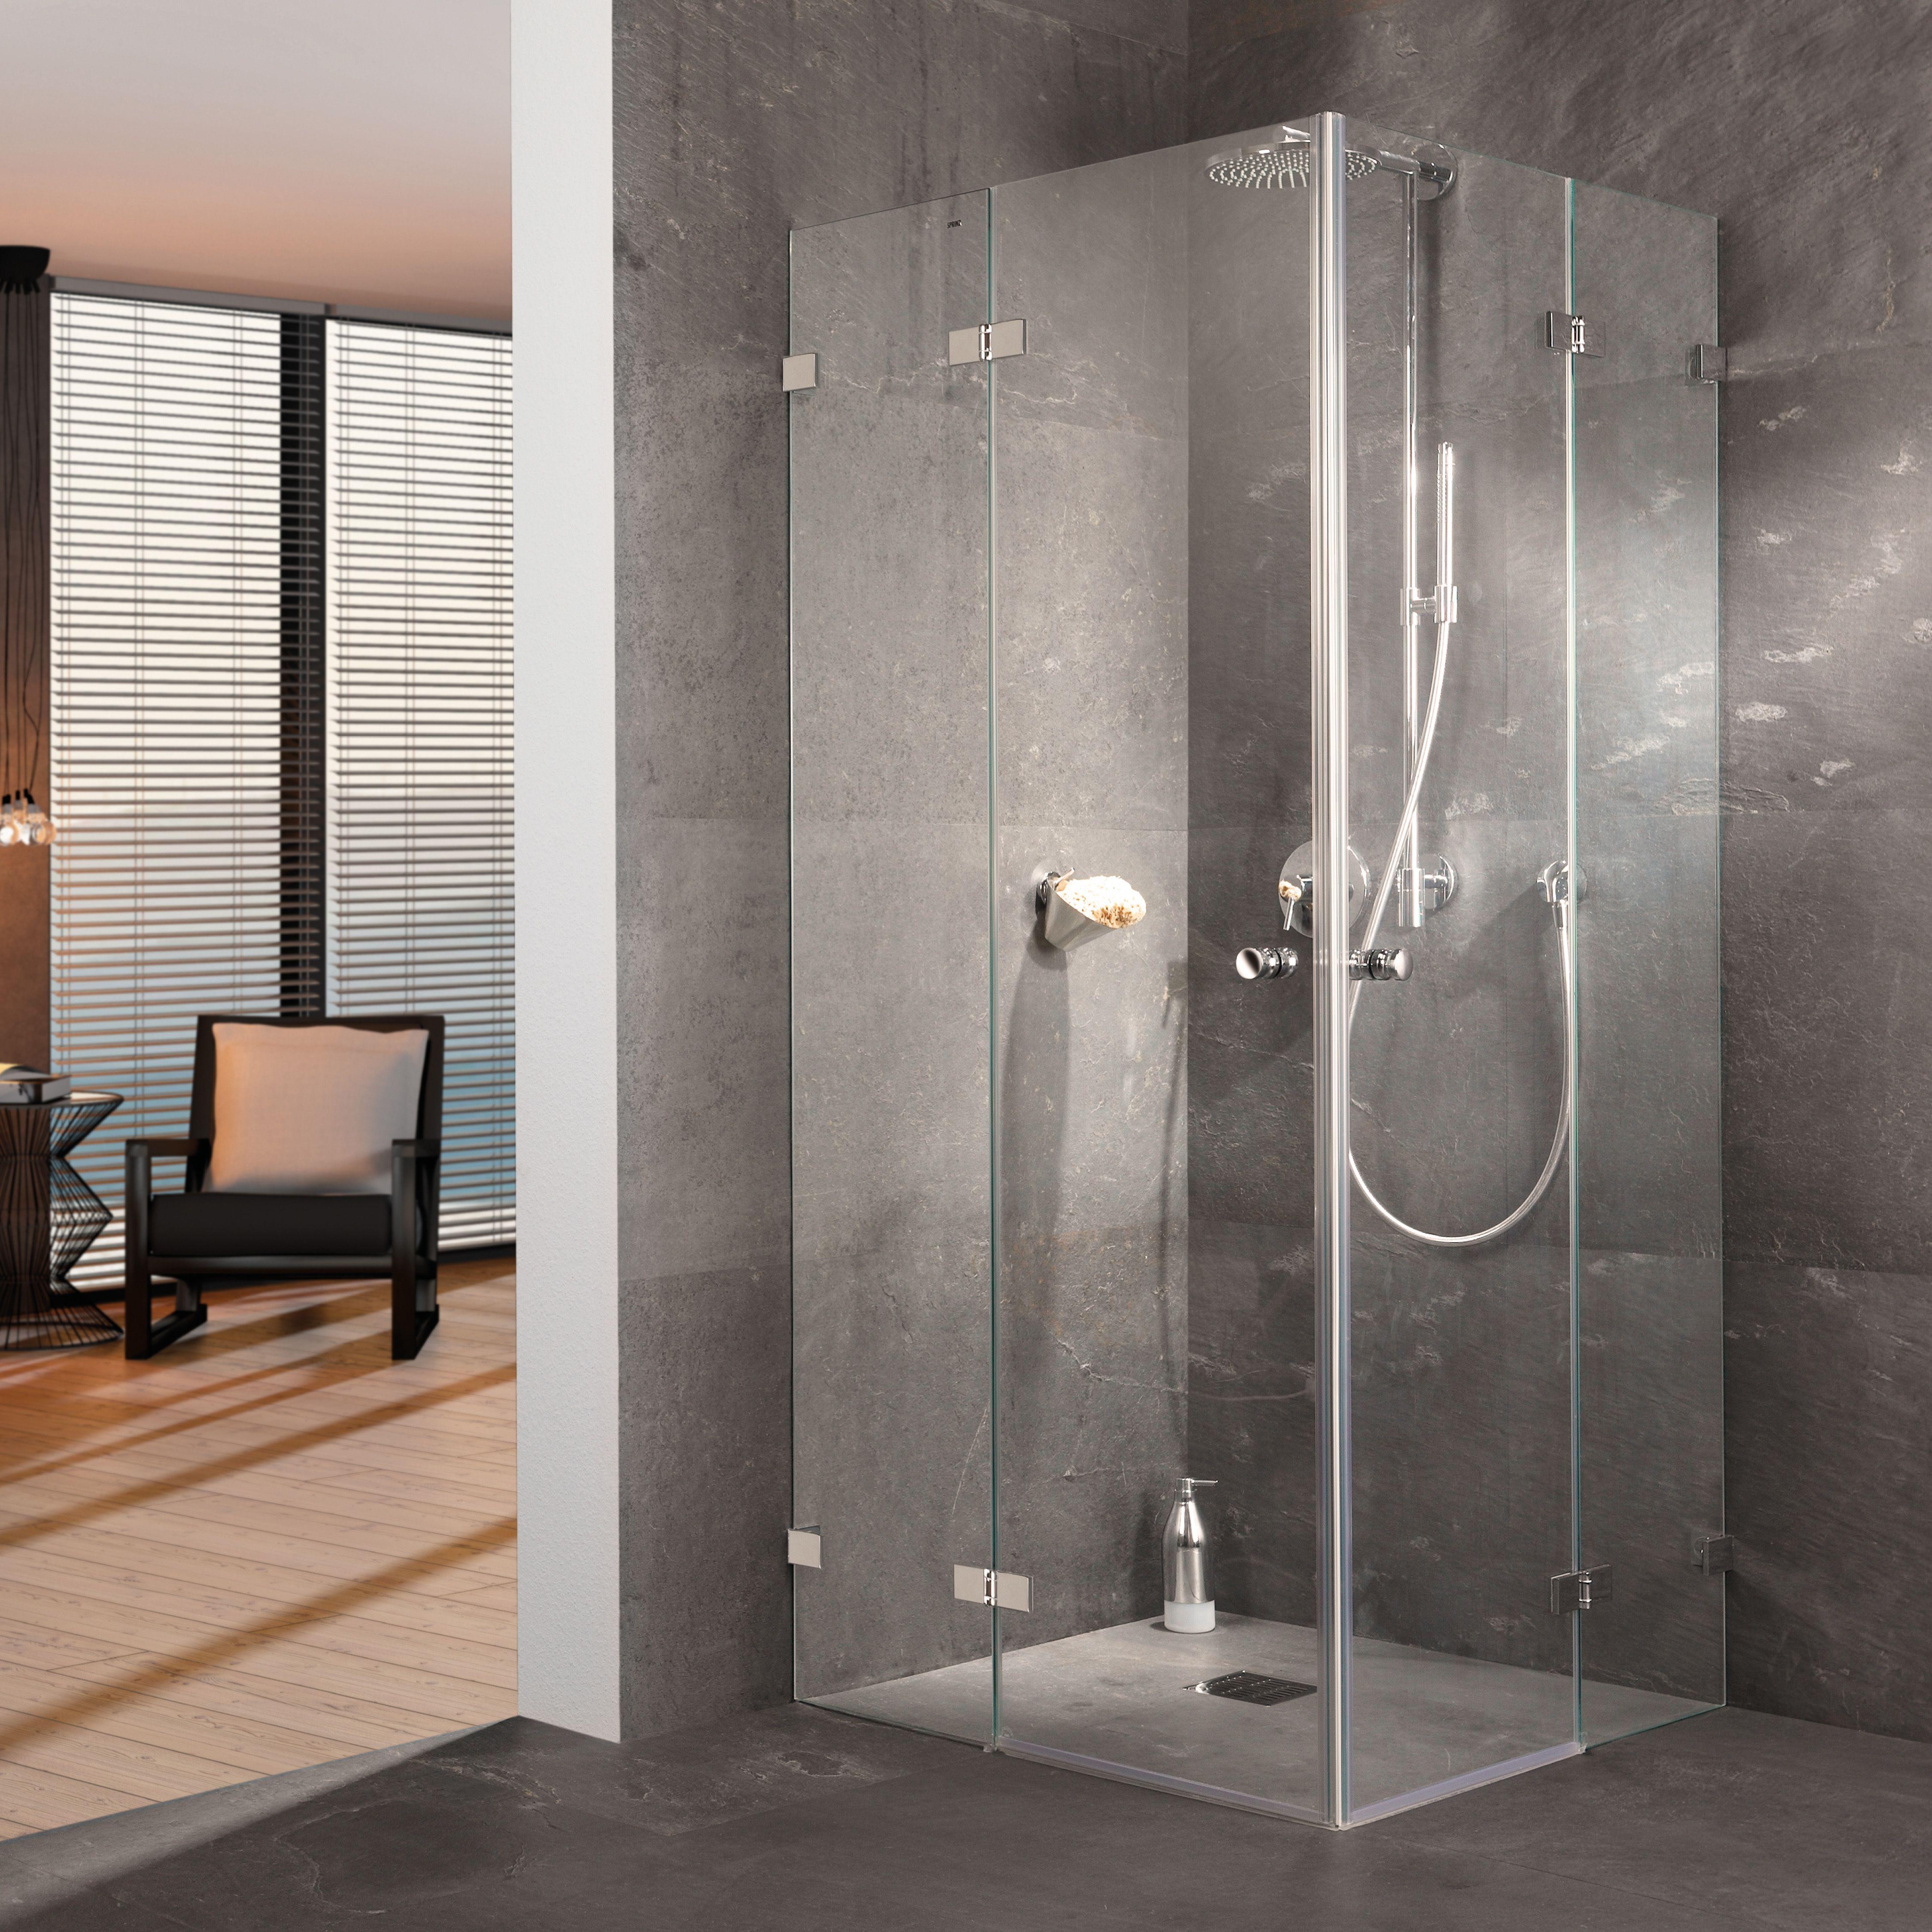 Glasdusche Fortuna Die Dusche Die Ihr Bad Zum Glanzen Bringt Ein Tolles Paket Modellauswahl Edles Glas Und Besch In 2020 Glasduschen Dusche Barrierefreie Duschen